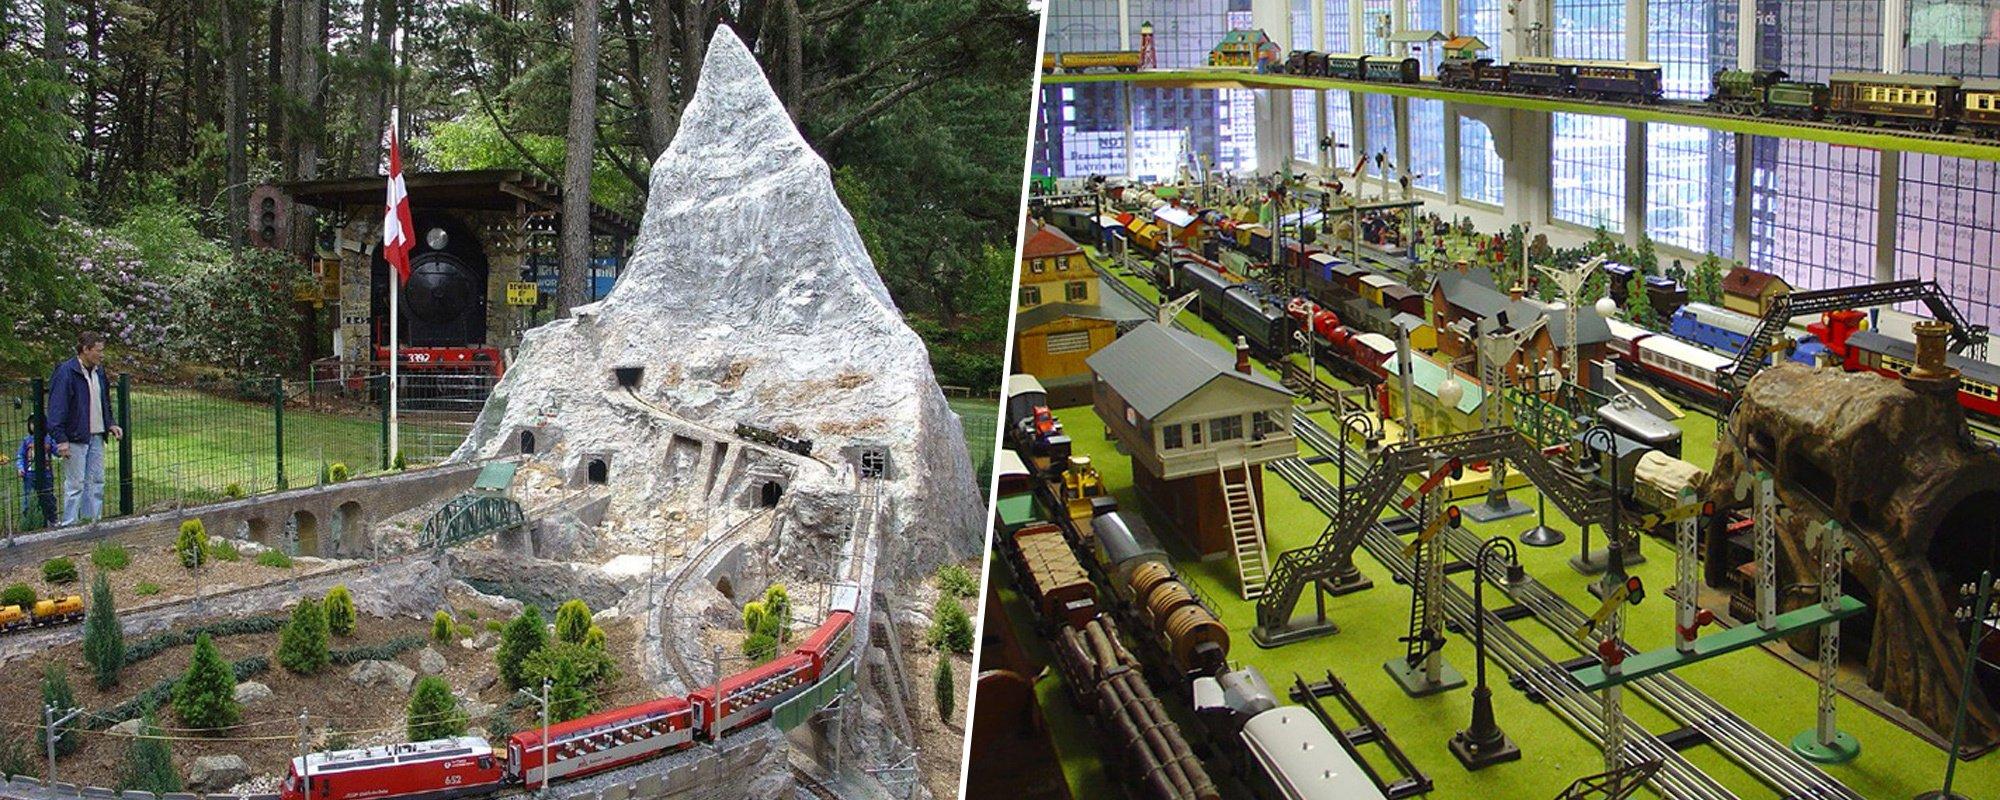 Railway museum in Leura